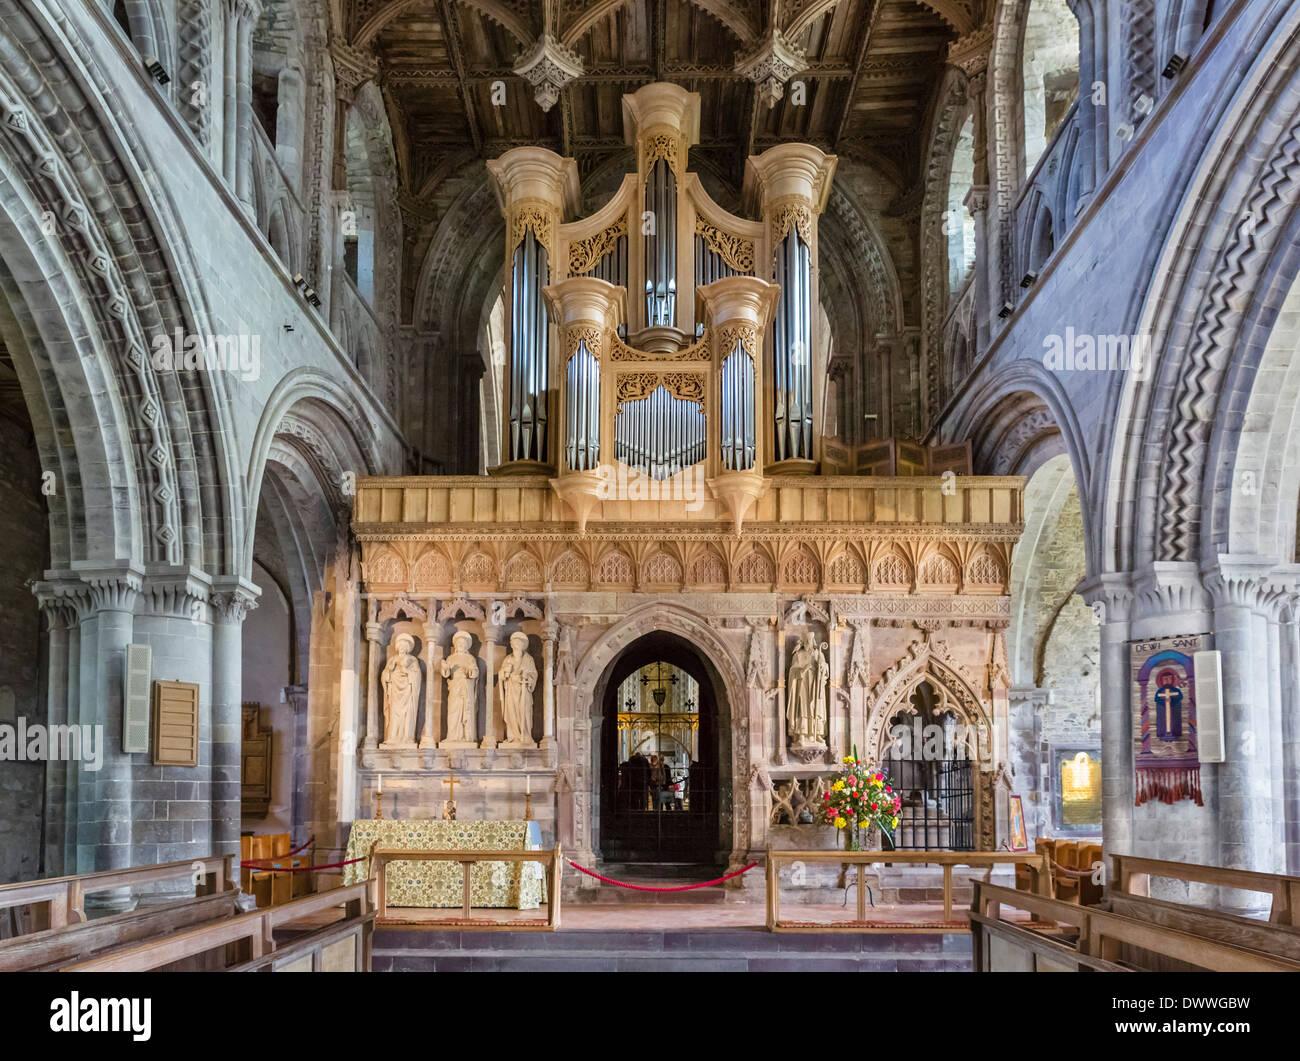 L'orgue dans la Cathédrale de St David's, St David's, Pembrokeshire, Pays de Galles, Royaume-Uni Photo Stock